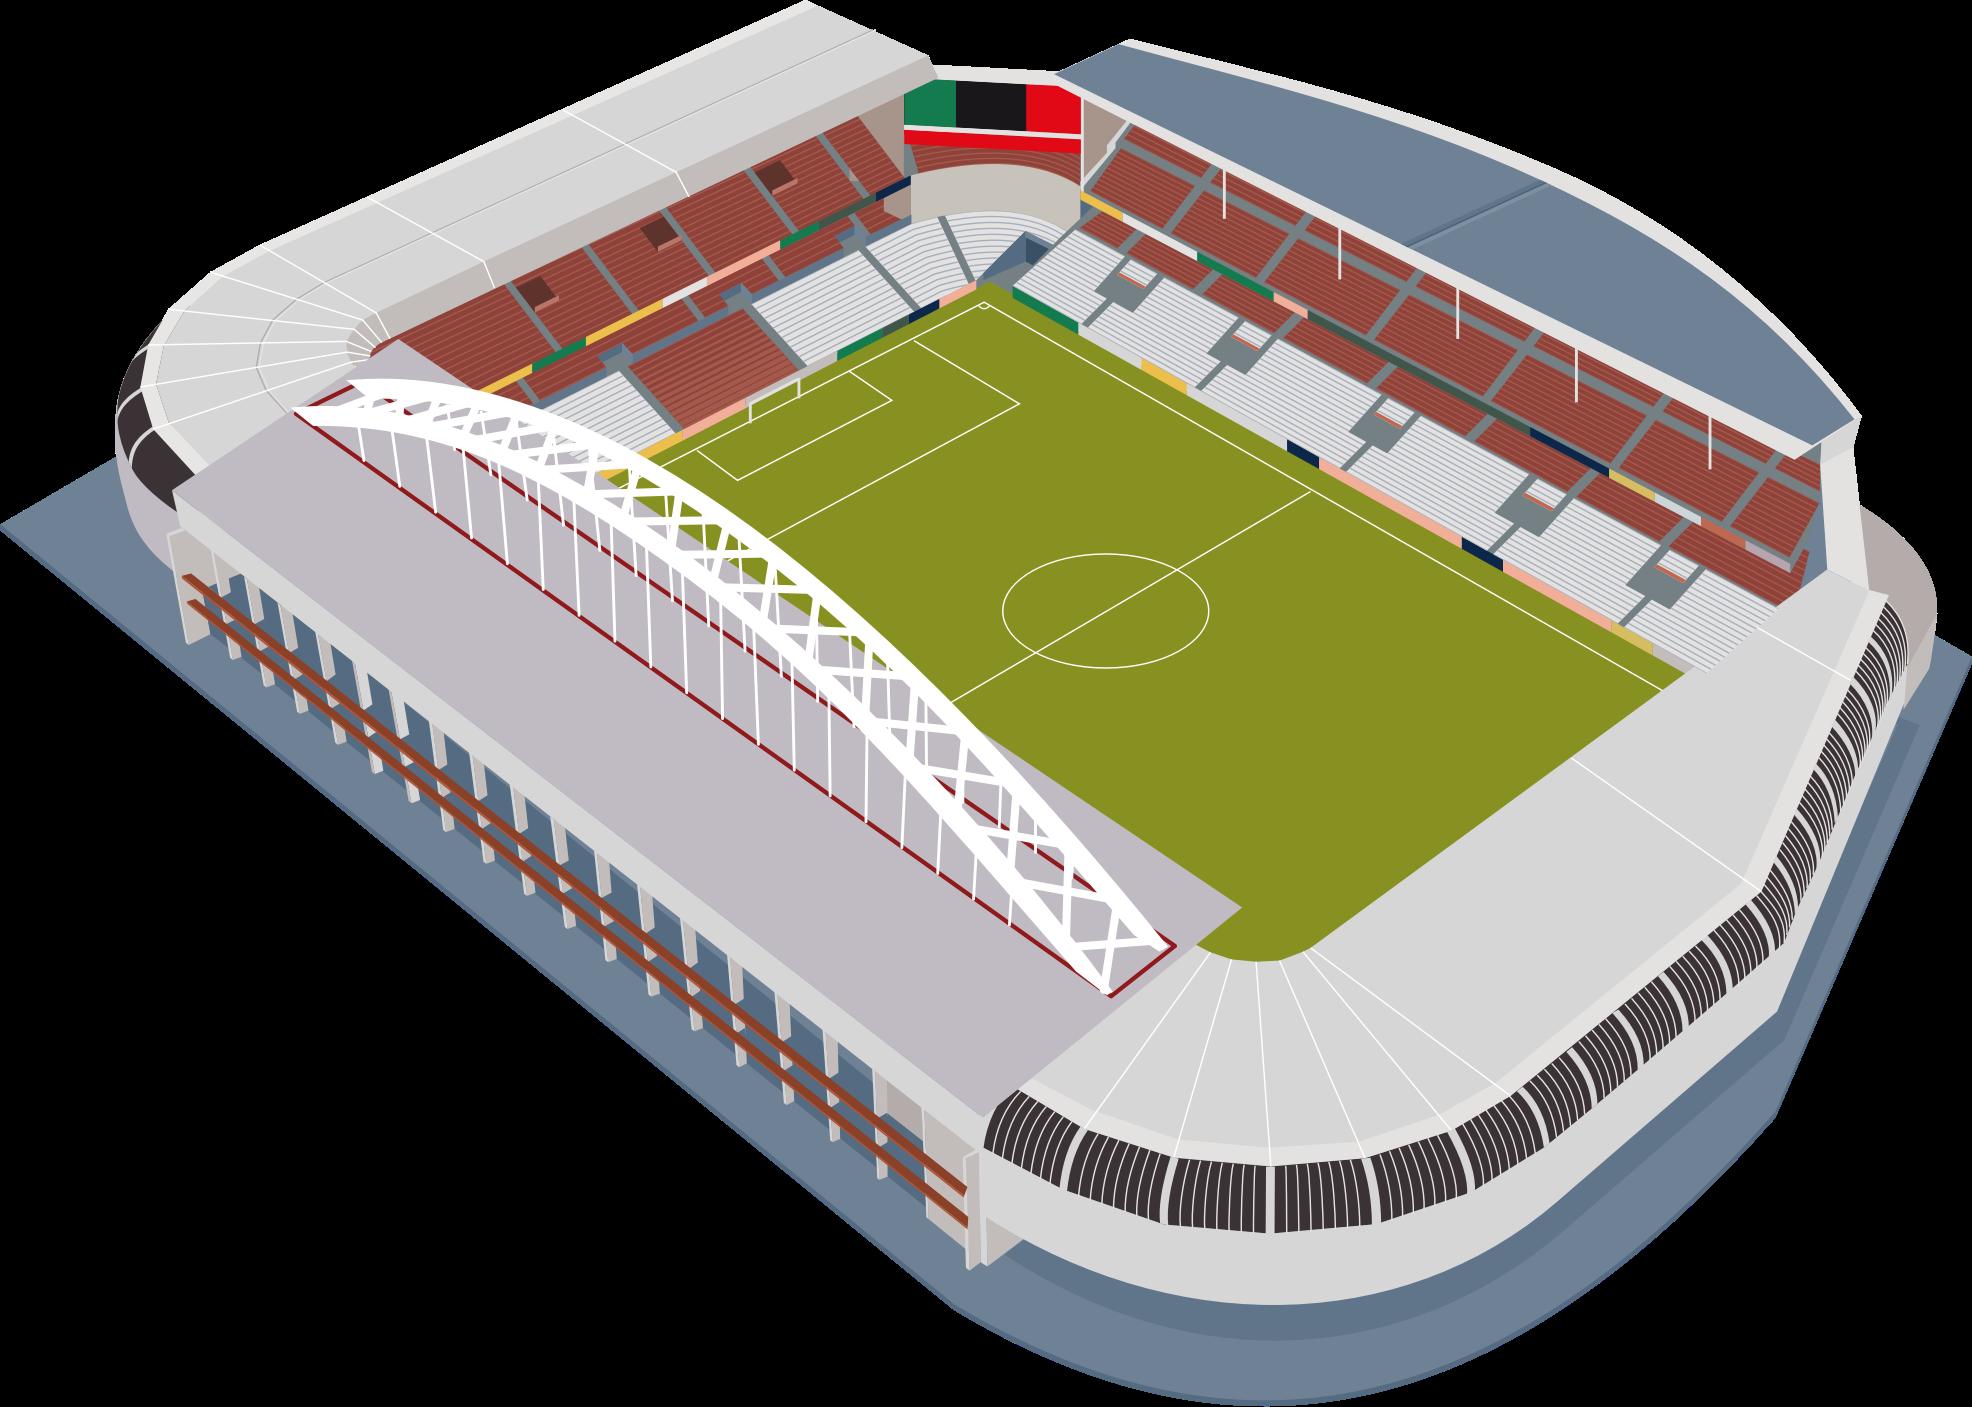 Clipart Soccer Football Stadium-Clipart Soccer Football Stadium-5